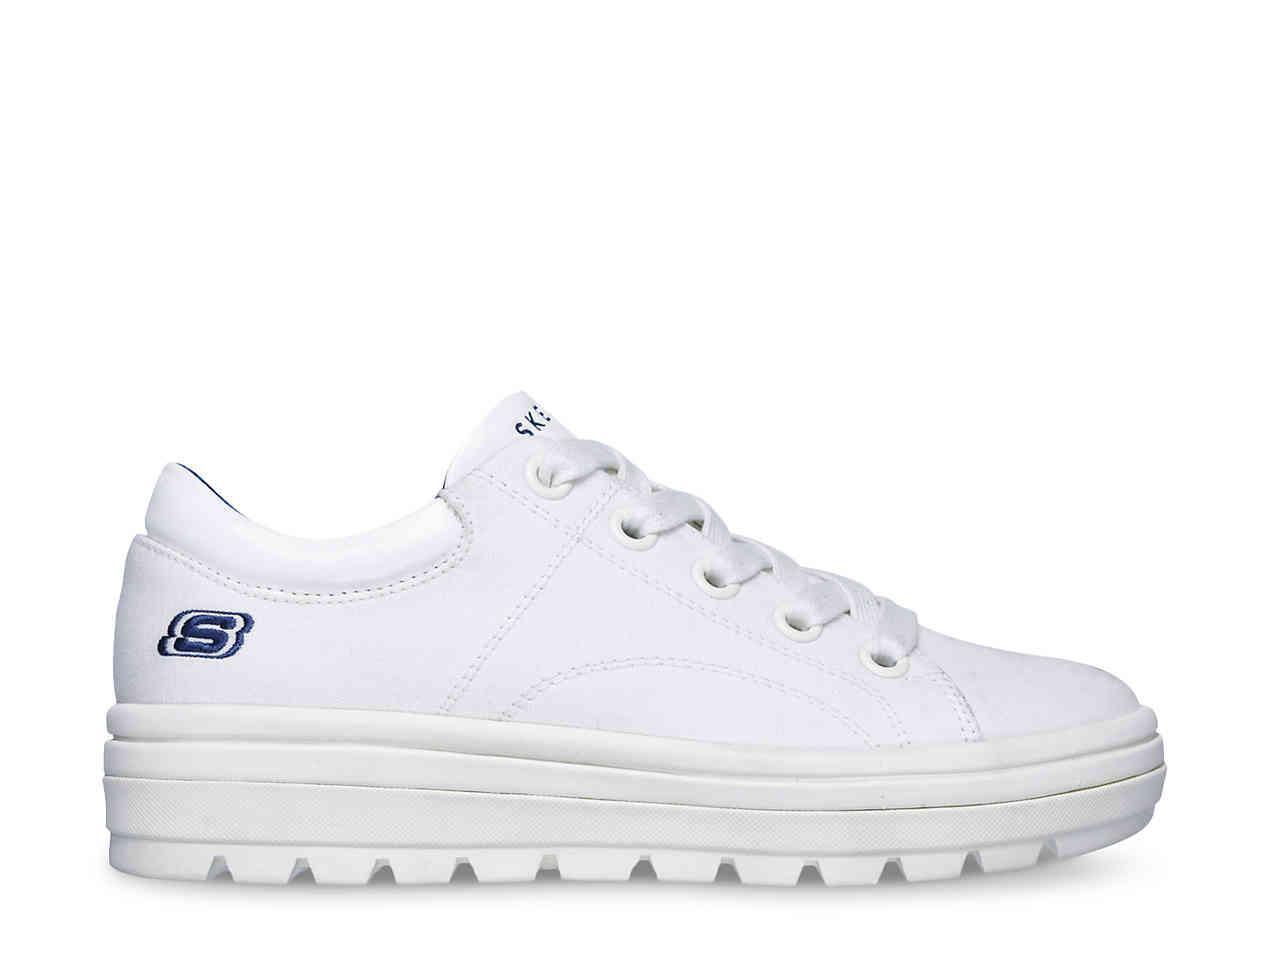 87c6981f2f4ff Lyst - Skechers Street Cleat Back Again Platform Sneaker in White